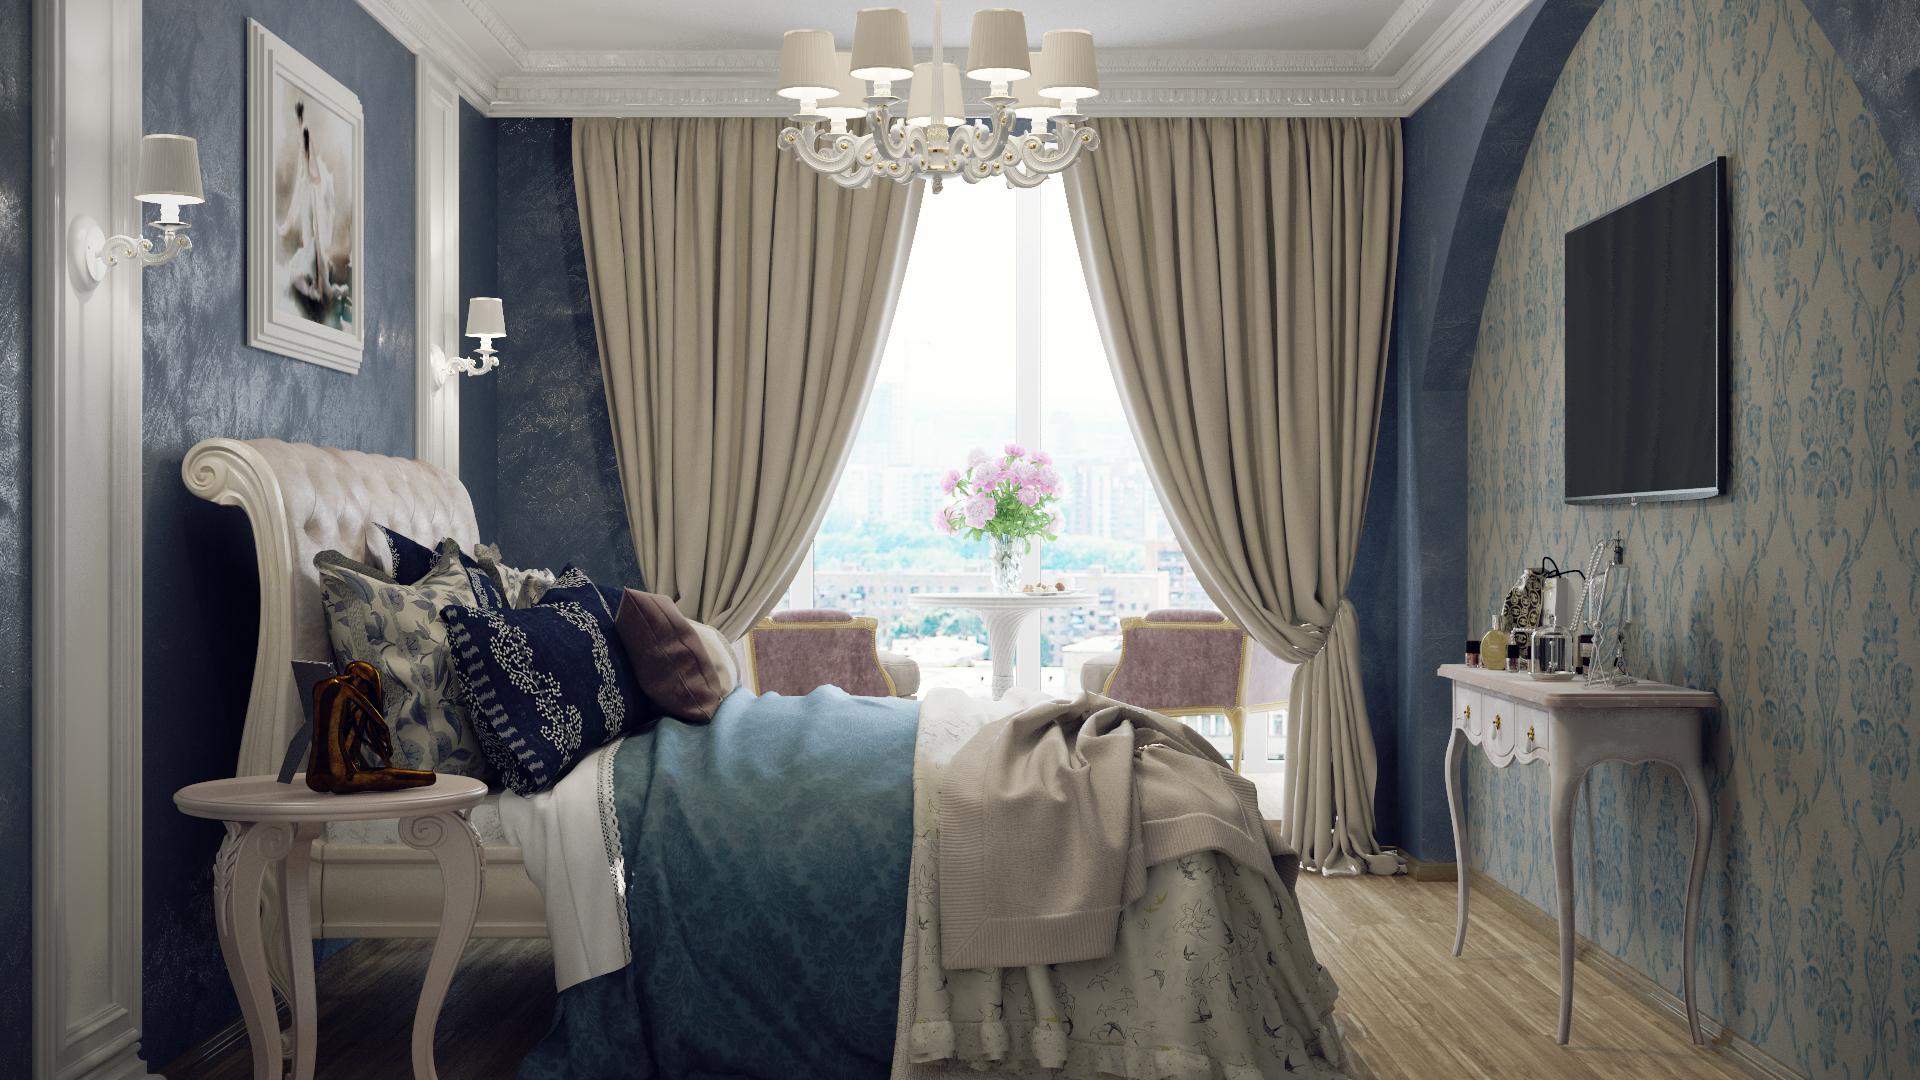 Какого цвета шторы подойдут к бирюзовым обоям